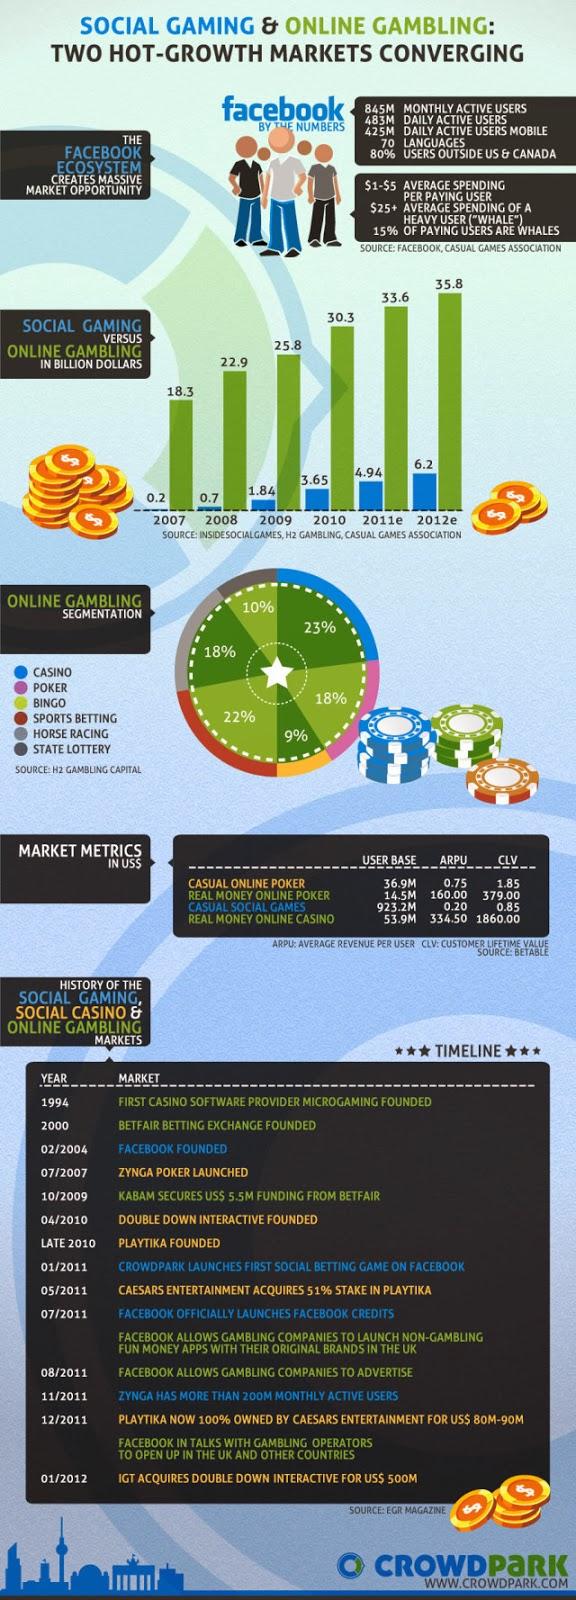 Los juegos sociales y las Apuestas Online: un mercado convergente